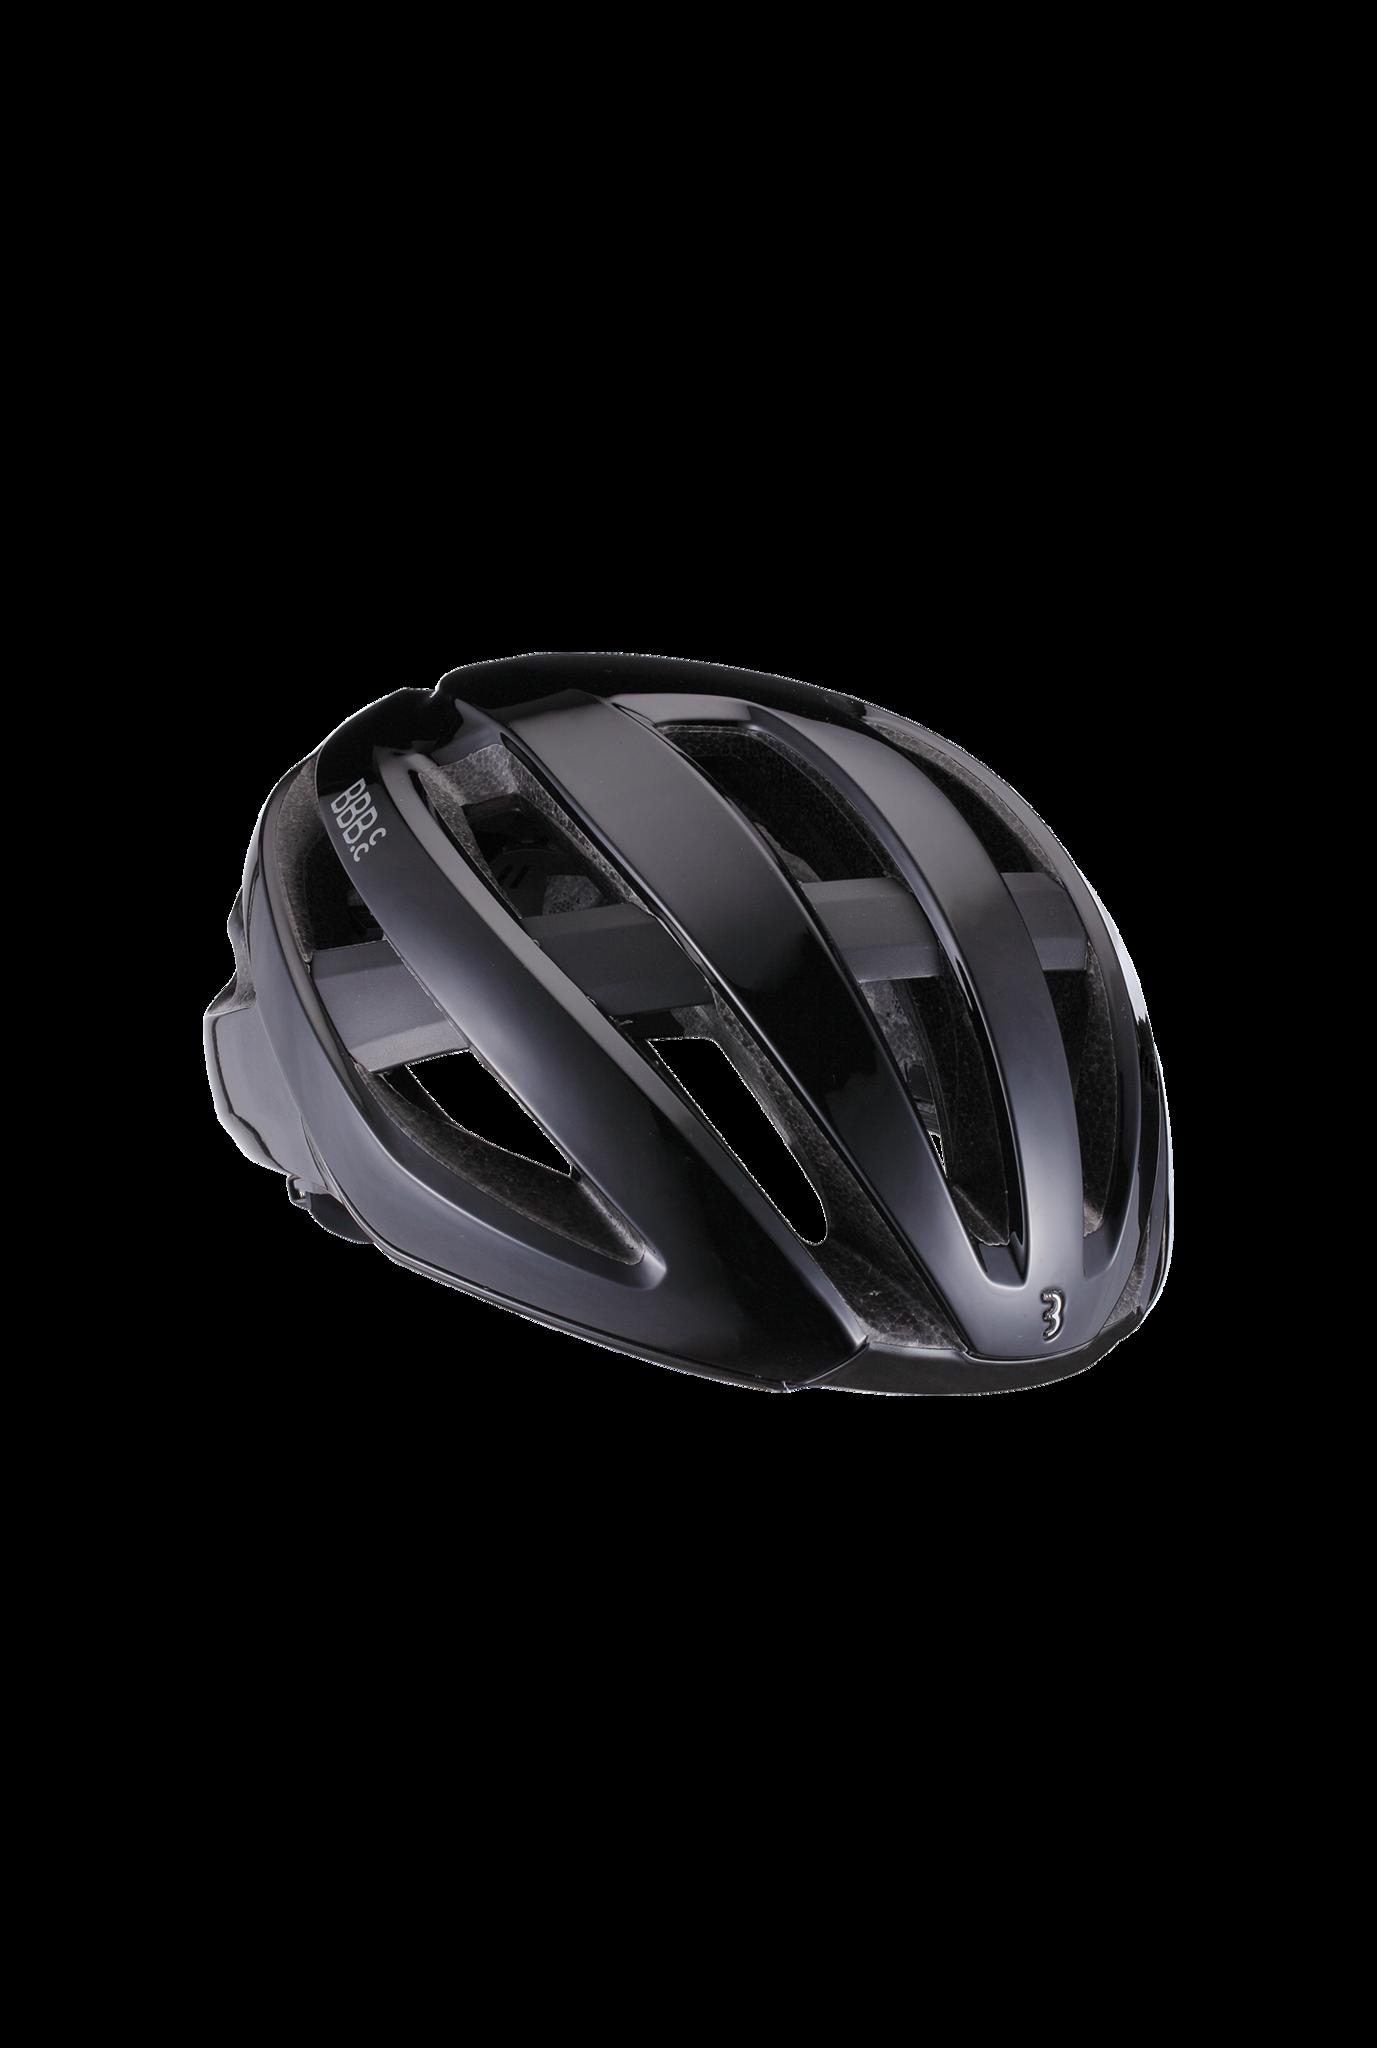 Helm Maestro glossy zwart-1